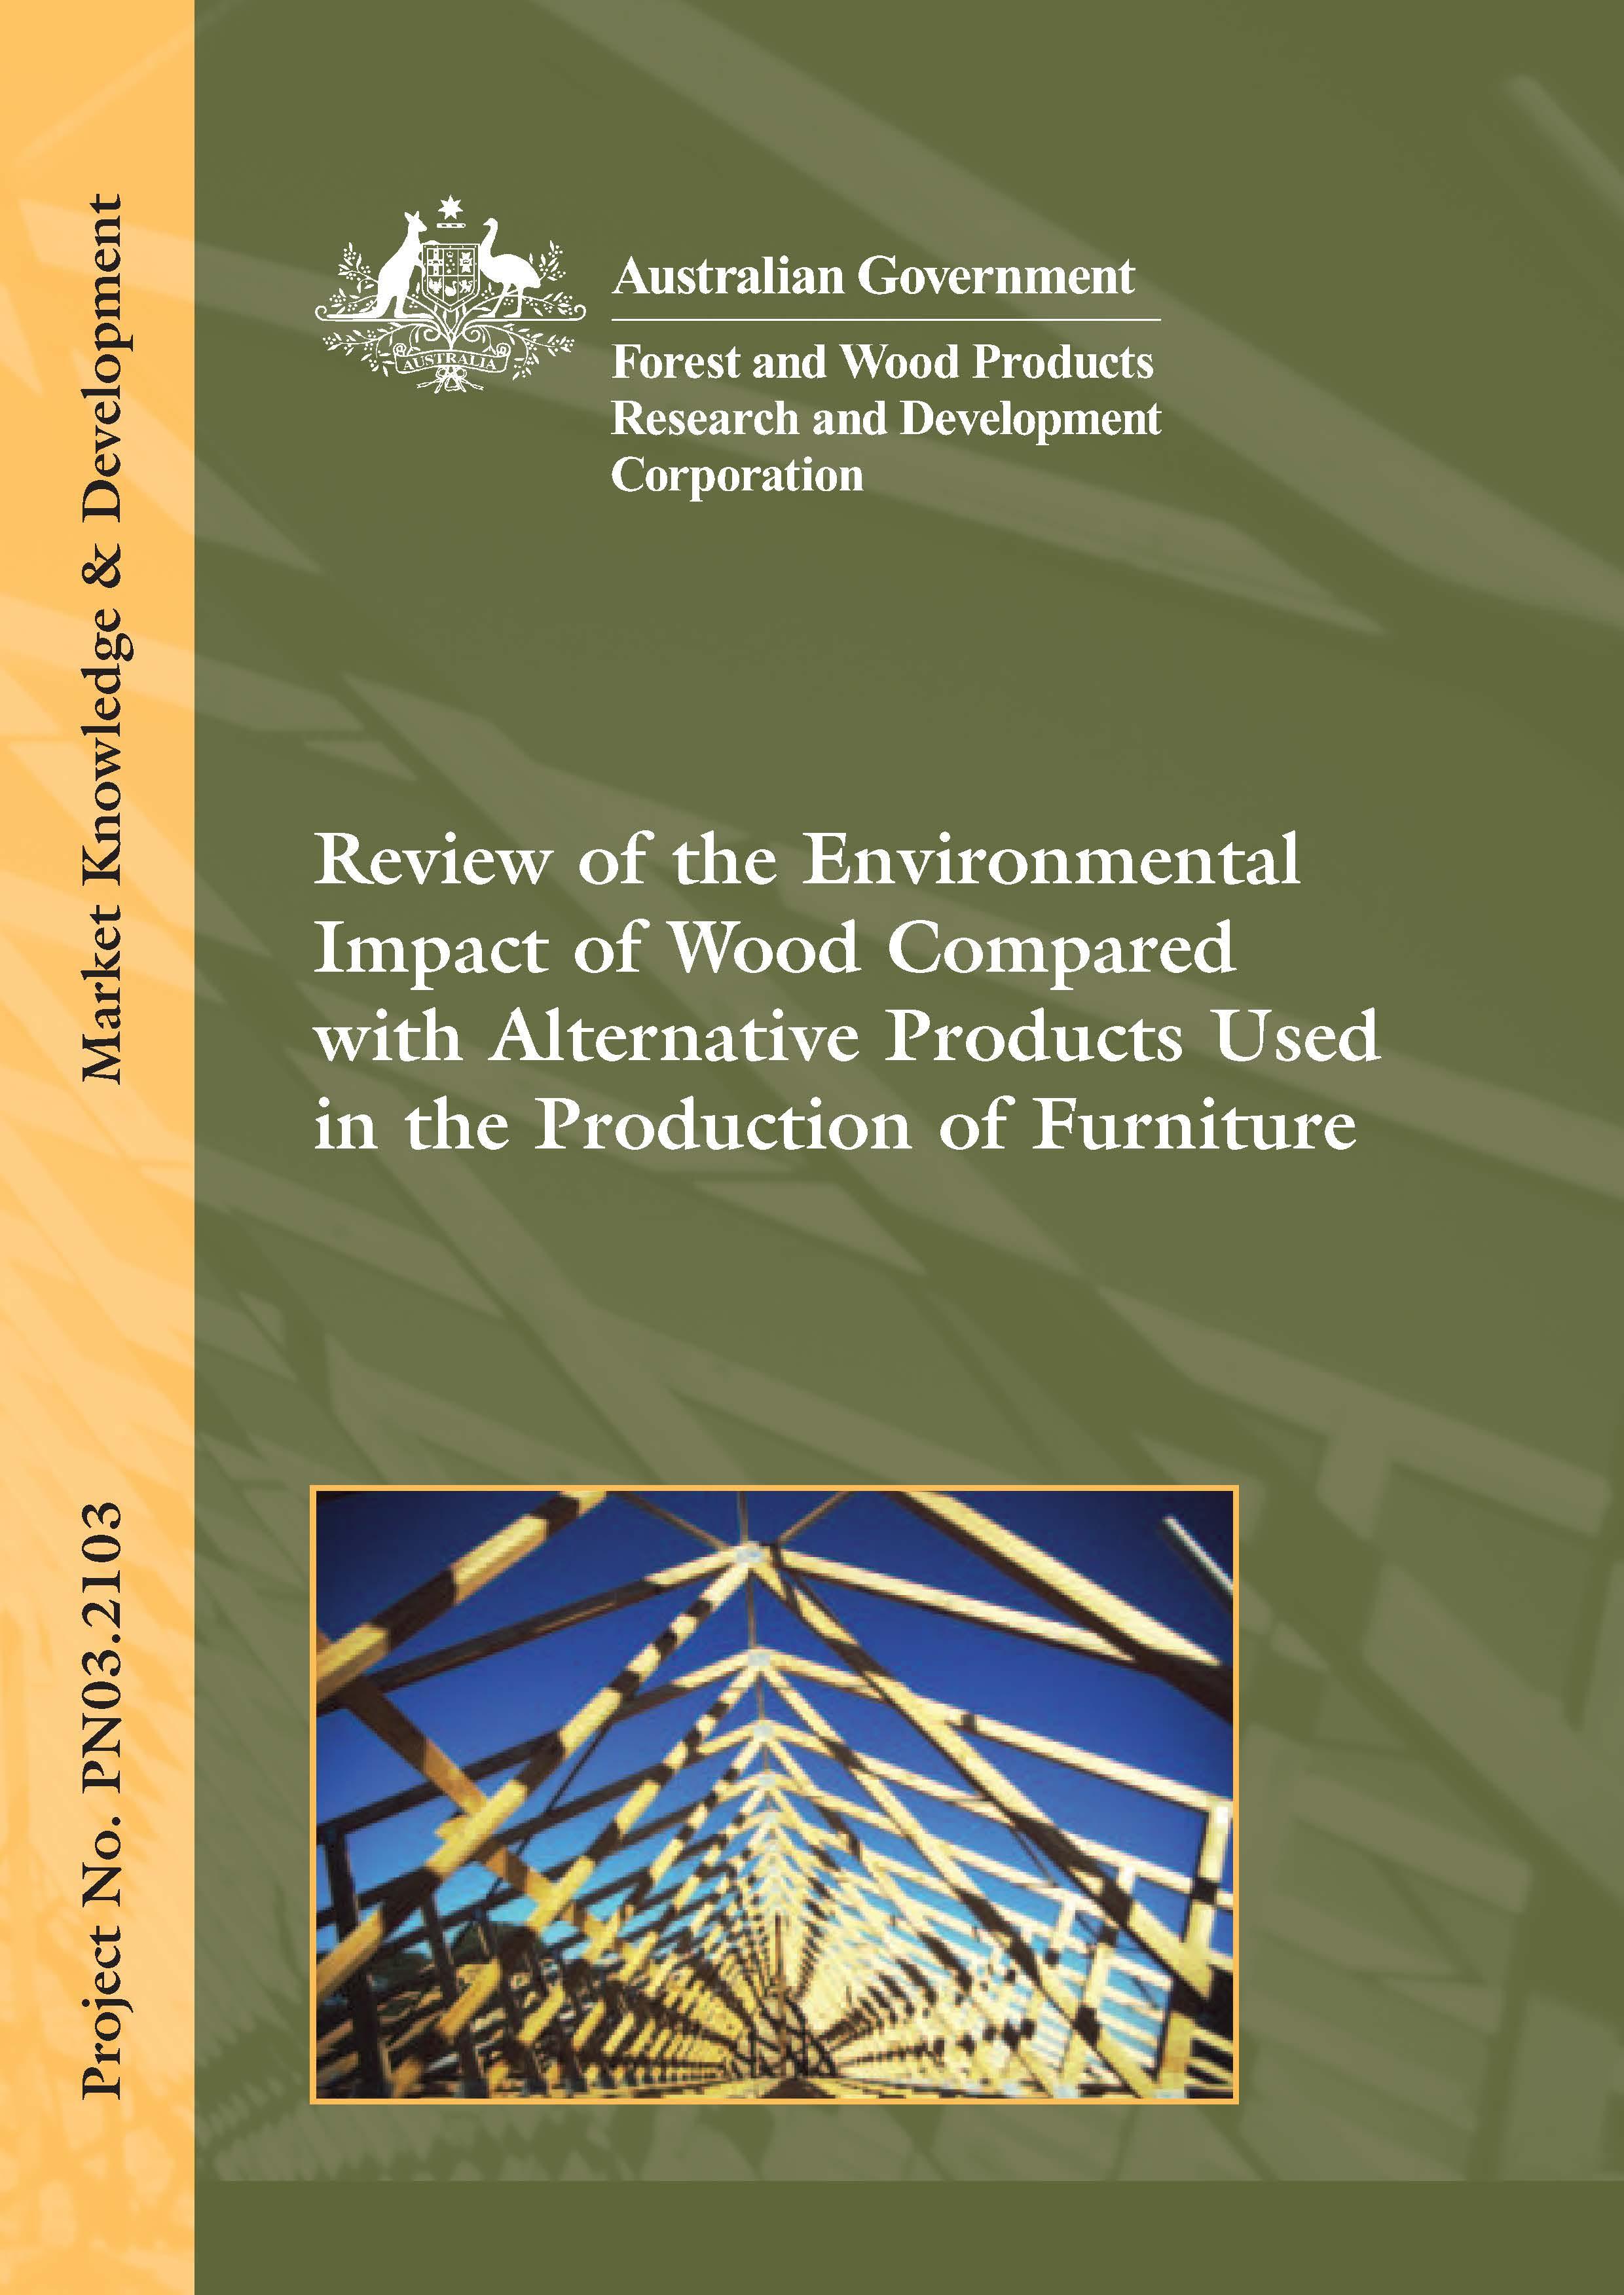 PN03.2103 furniture review WEB 1.jpg